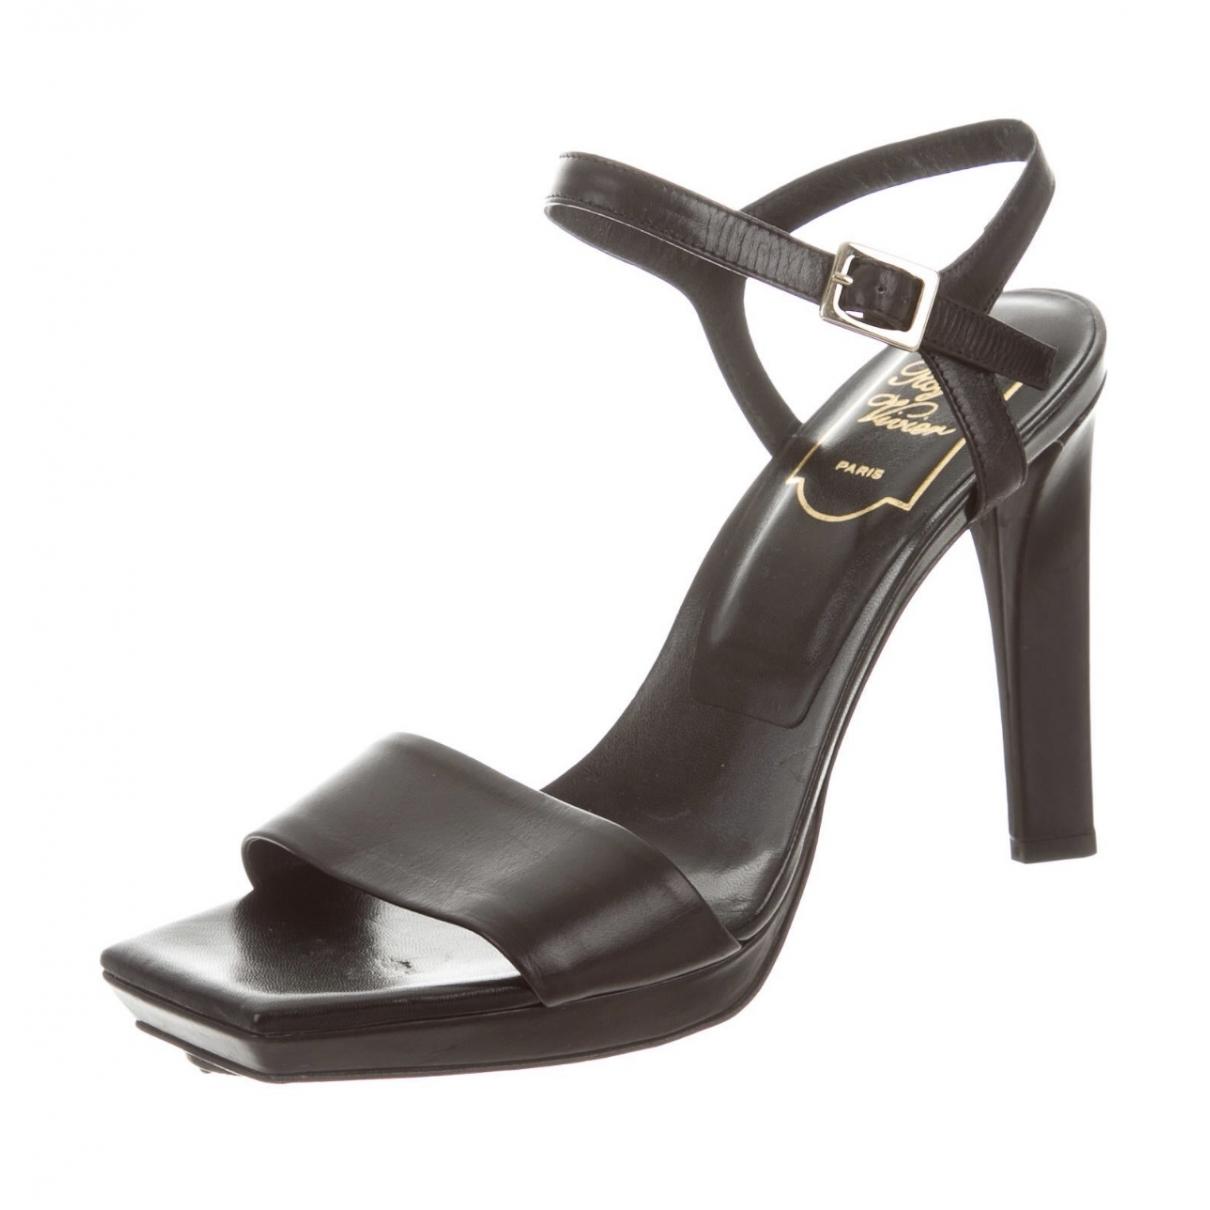 Roger Vivier - Sandales   pour femme en cuir - noir